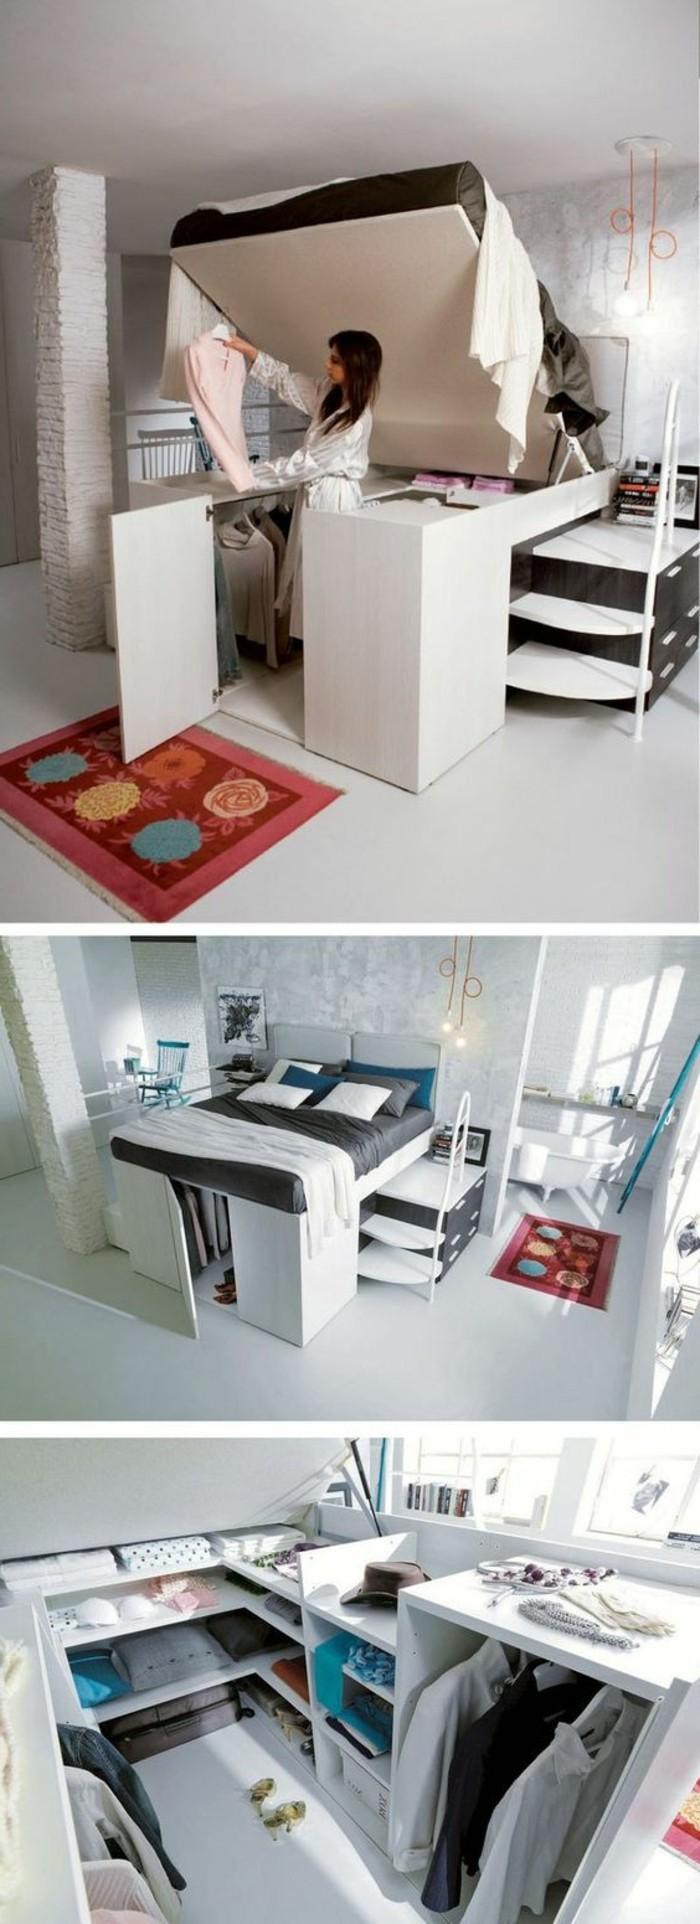 schlafzimmer-inspirationen-bett-mit-unterschrank-fuer-kleiner